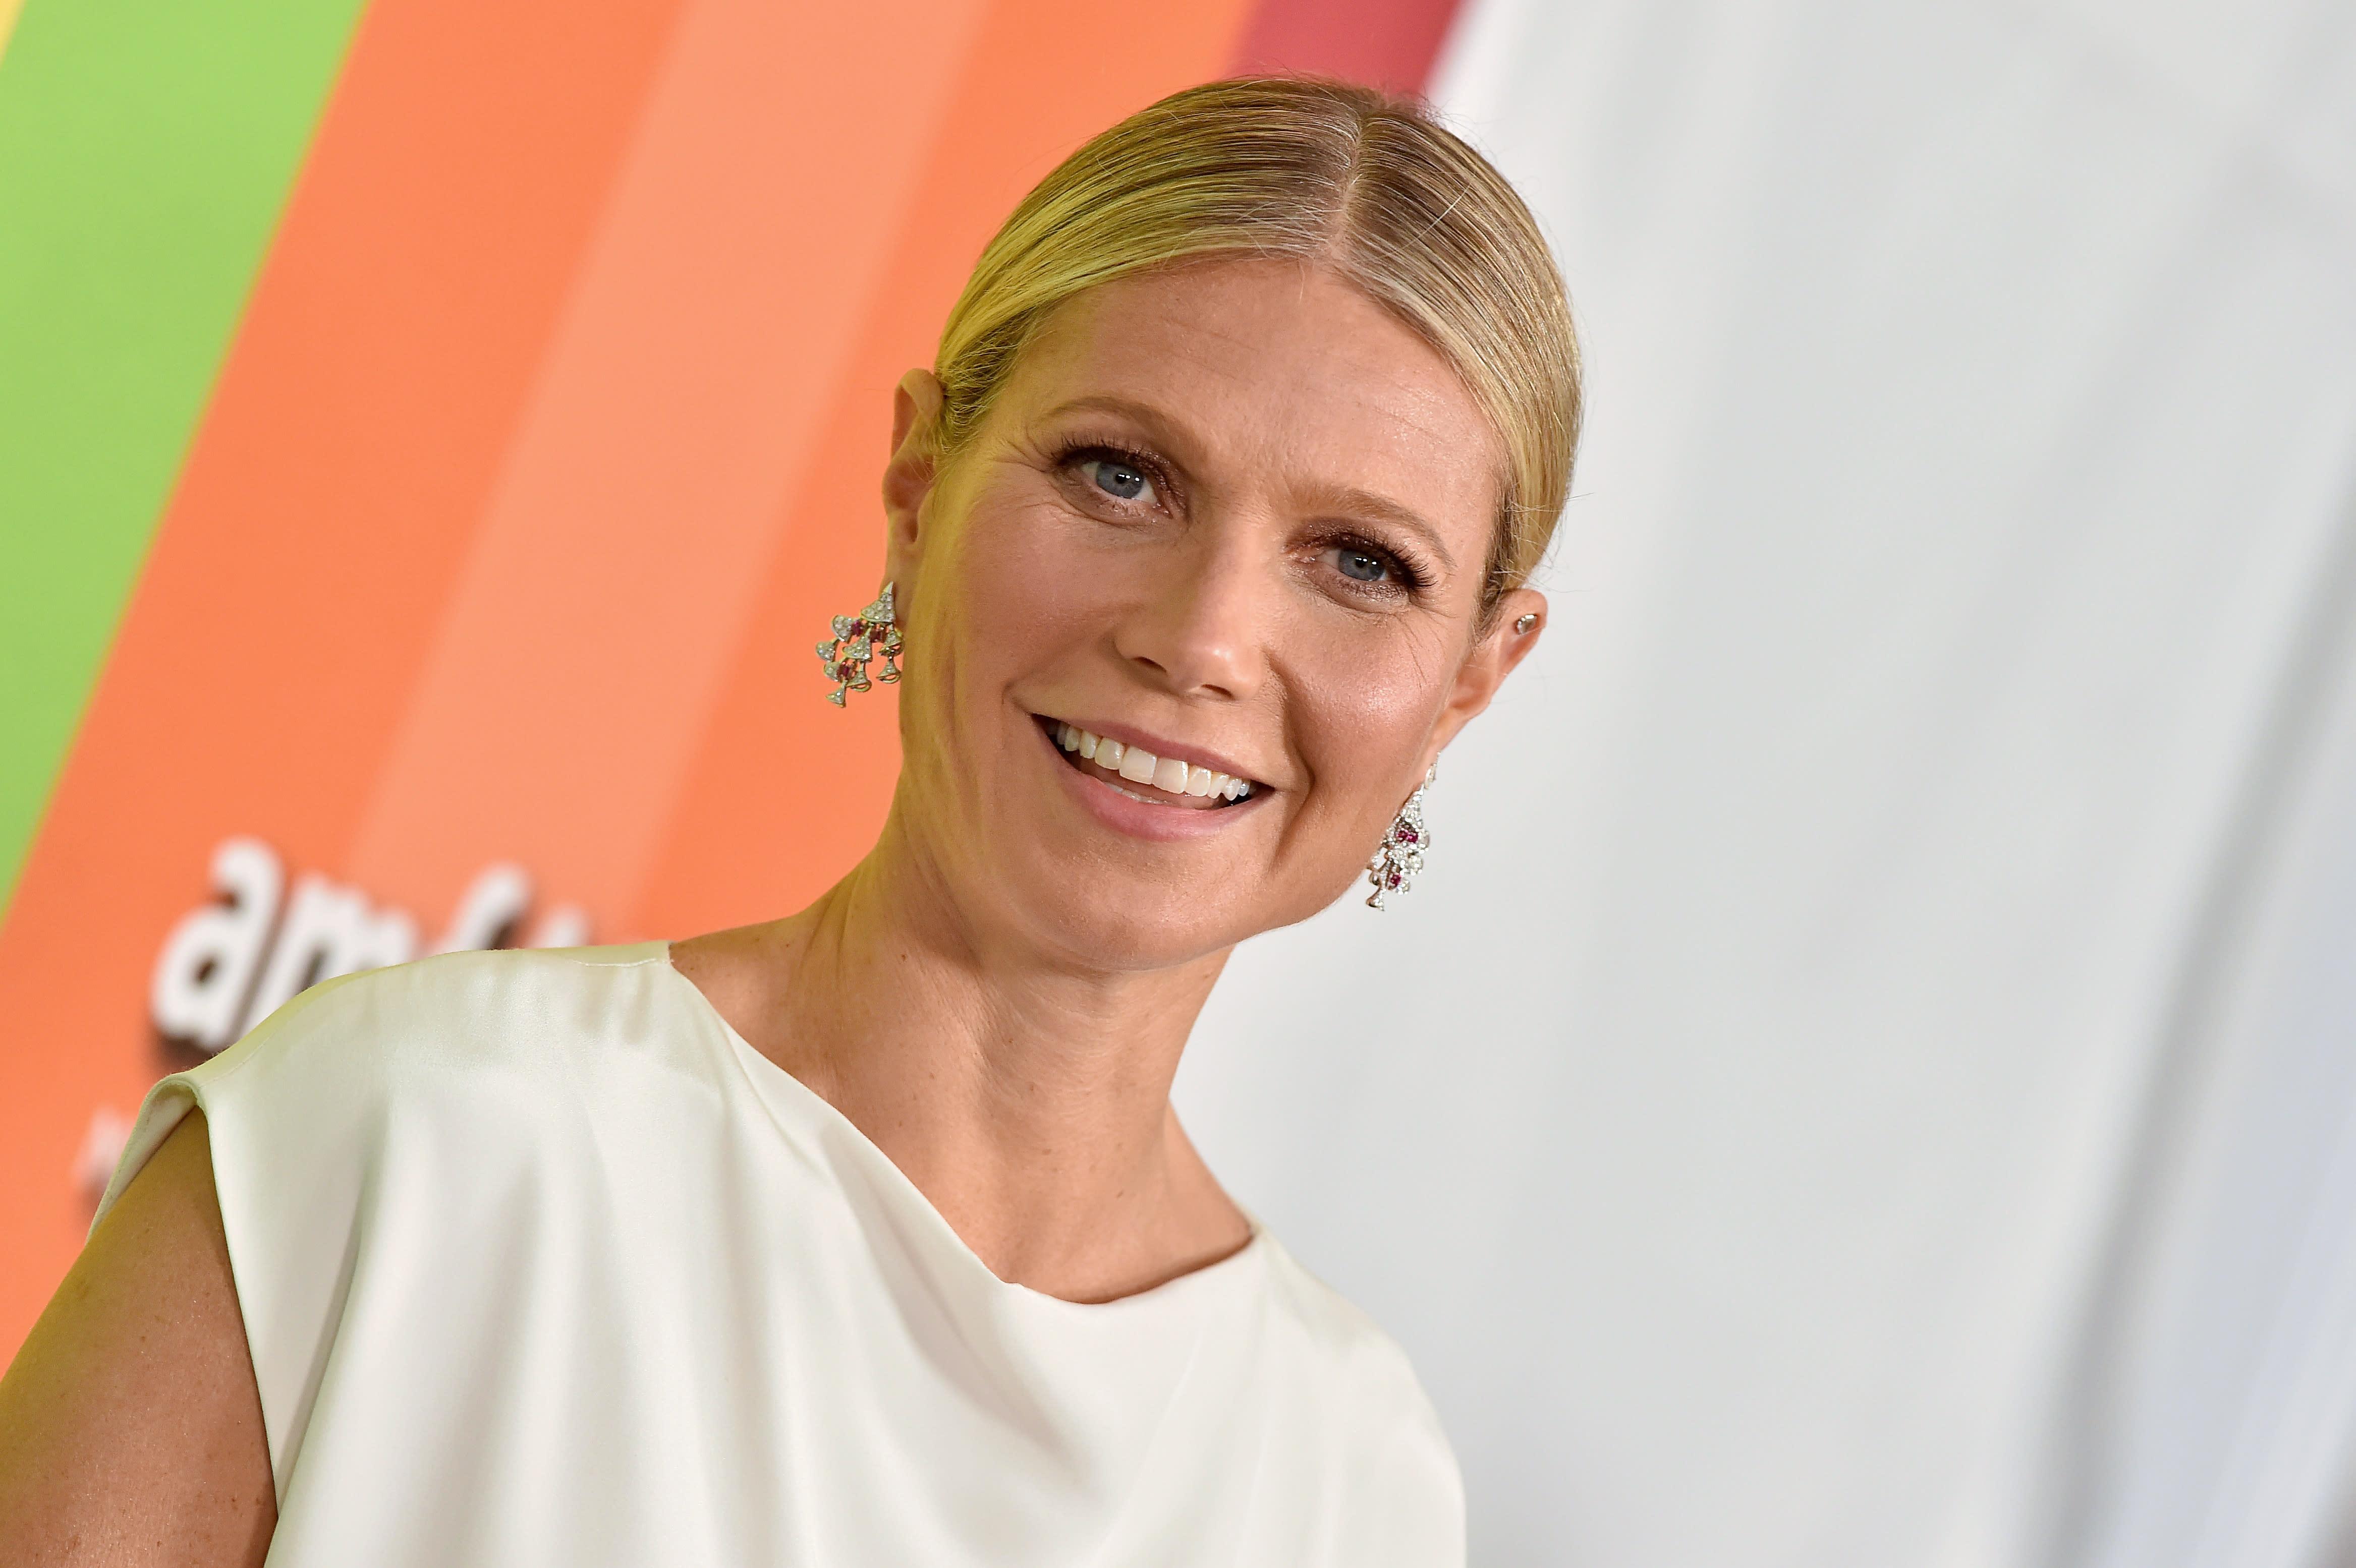 Gwyneth Paltrow says she tried MDMA in Mexico